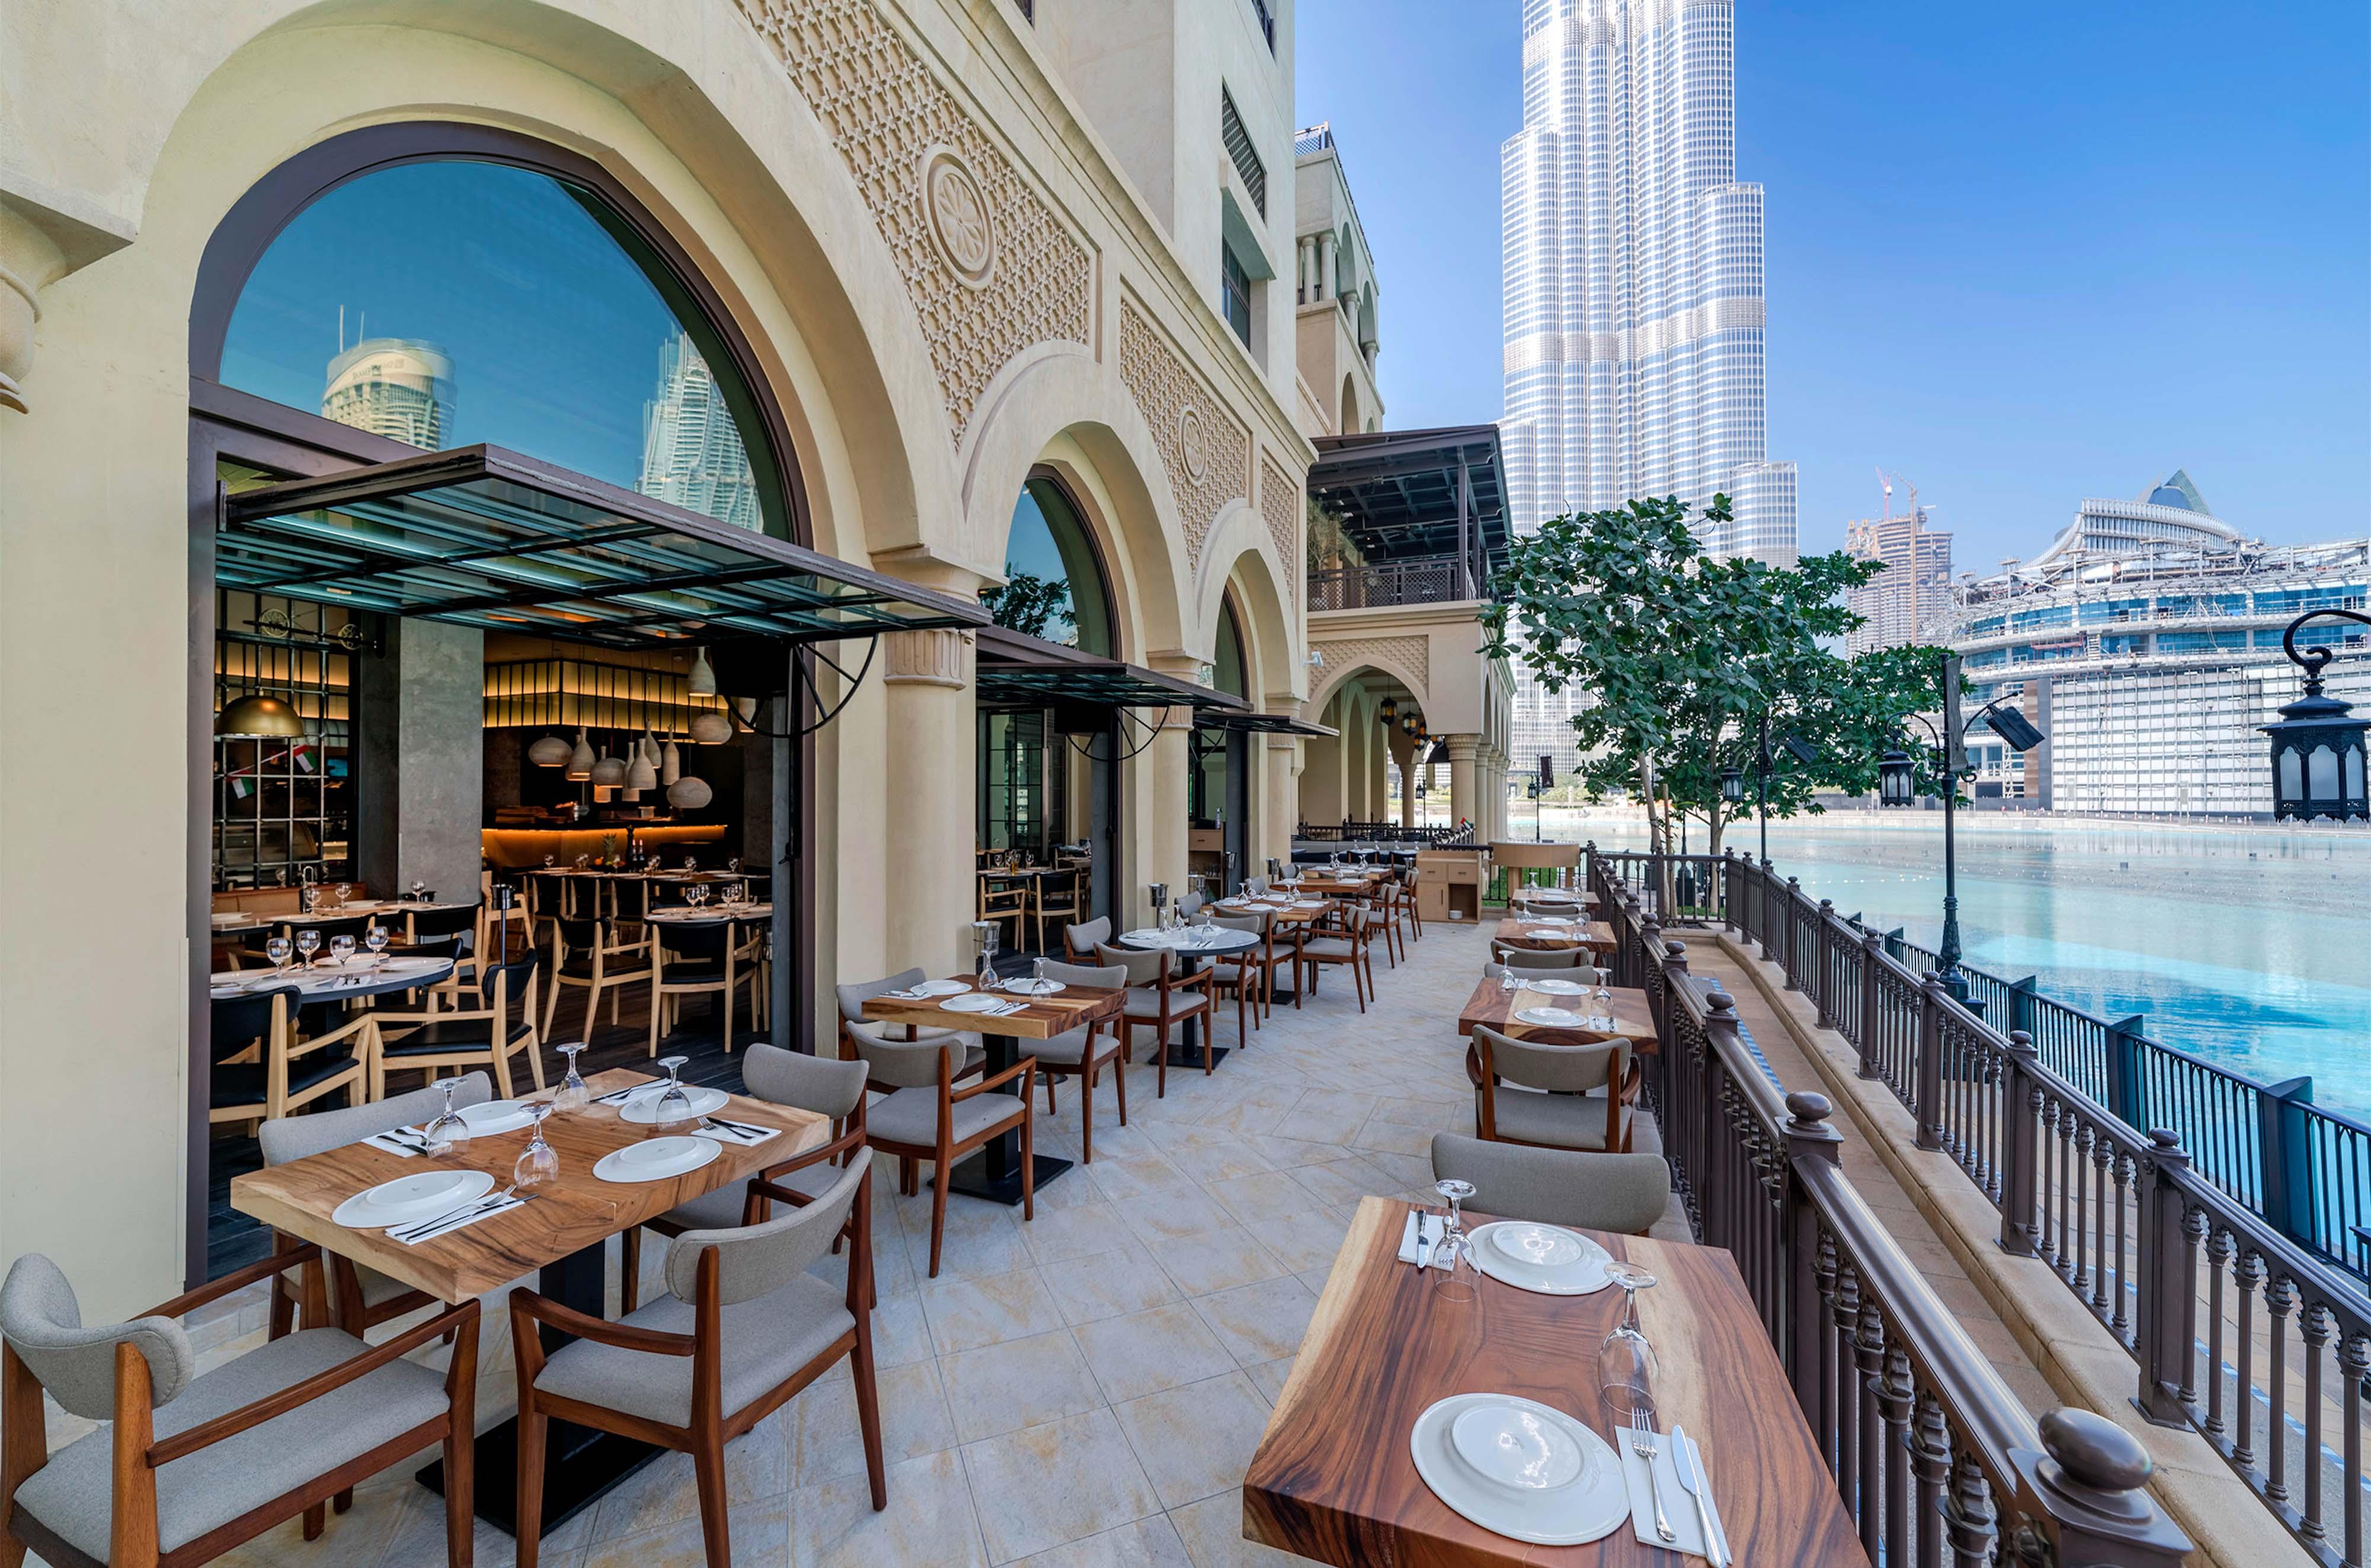 مطعم جونايدن التركي الأصيل يأتي برفقة ملحمته الشهيرة إلى سوق البحار في دبي مول